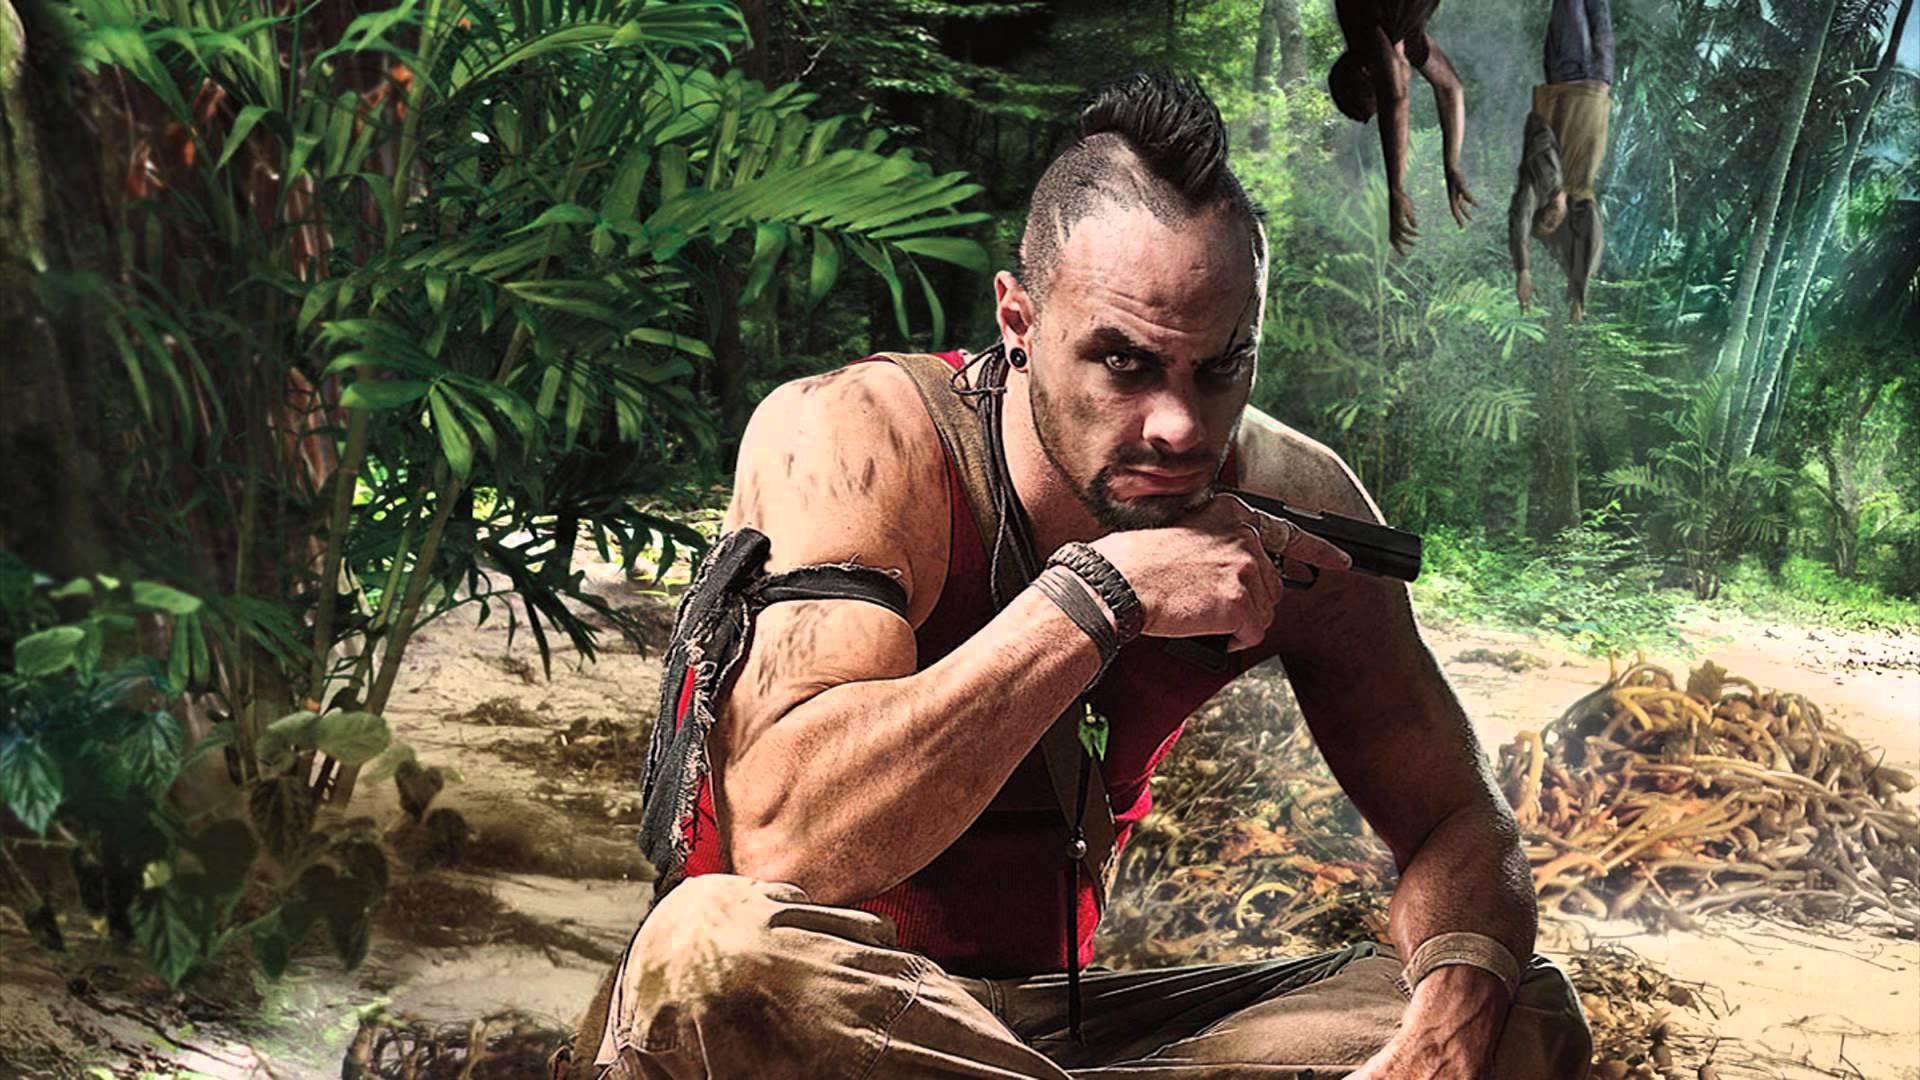 Far Cry 6'nın DLC'si, Serinin En Ünlü Kötü Adamları Olarak Oynamamıza İzin Verecek